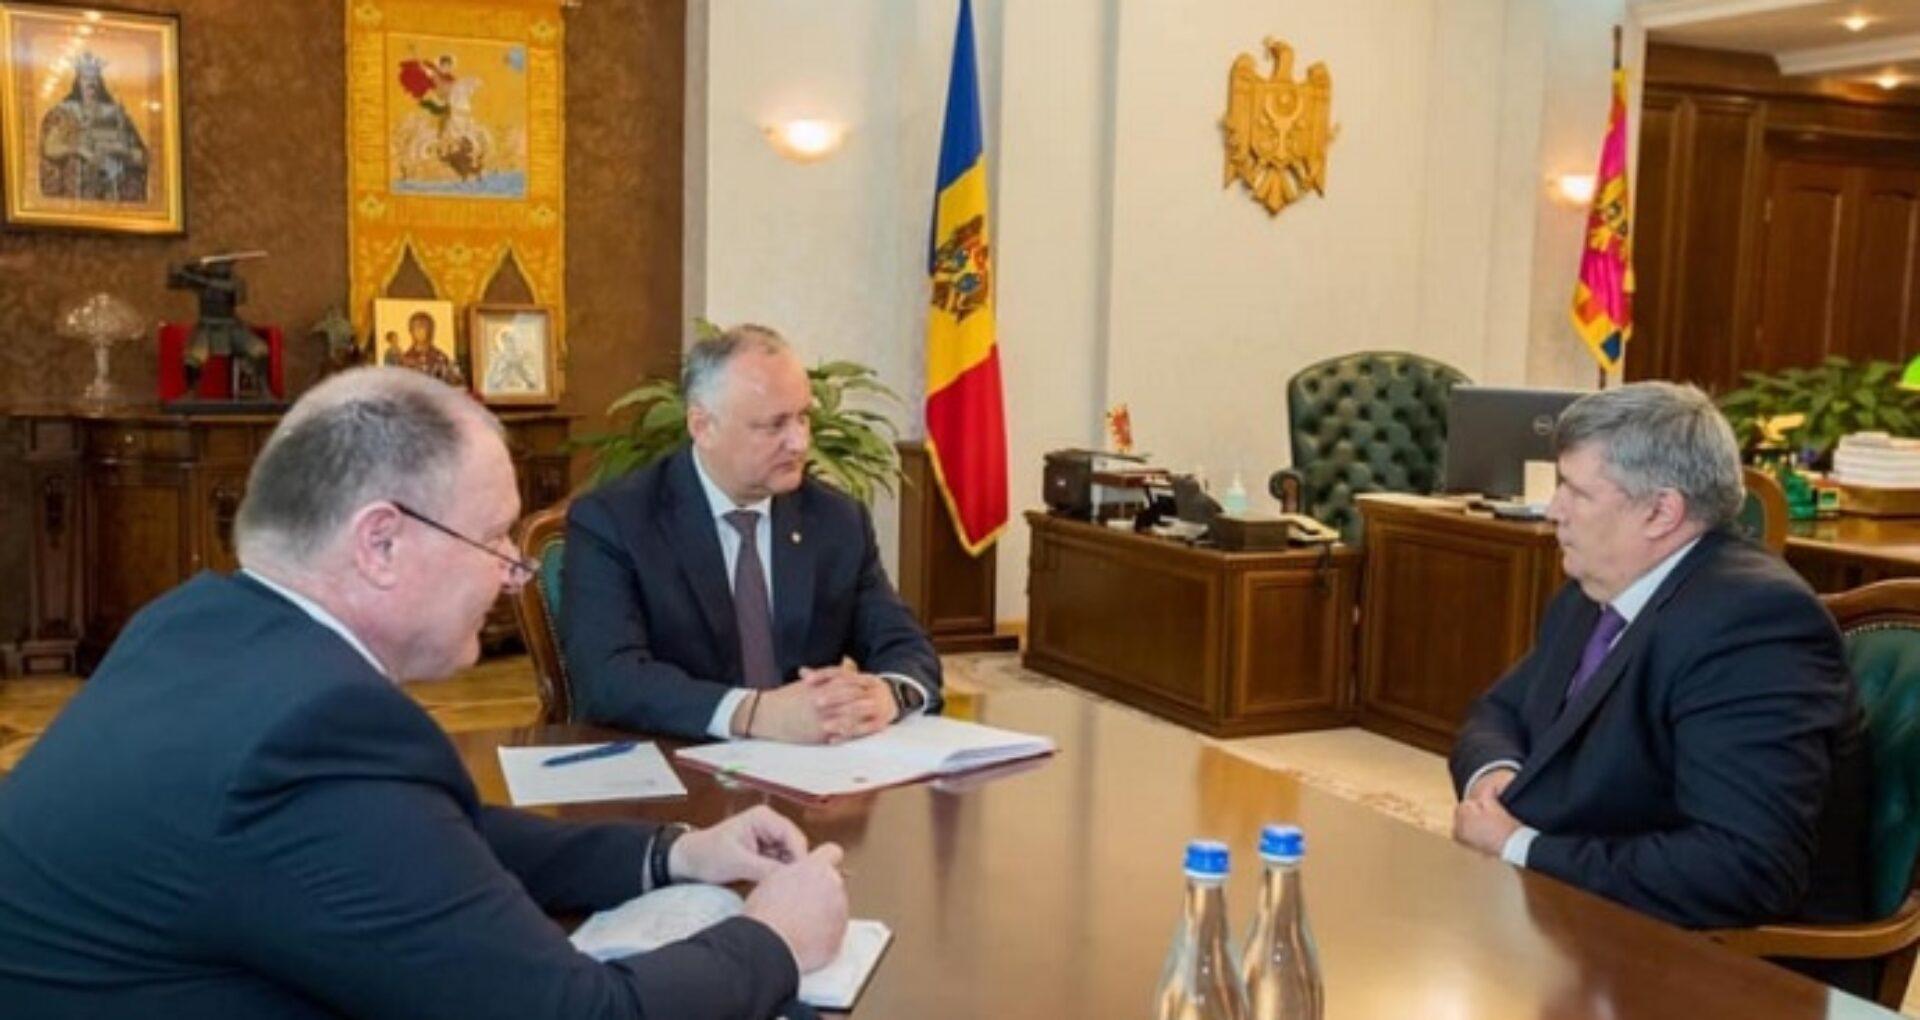 Președintele Dodon a semnat decretele de numire în funcție a celor 7 noi ambasadori ai R. Moldova în alte state